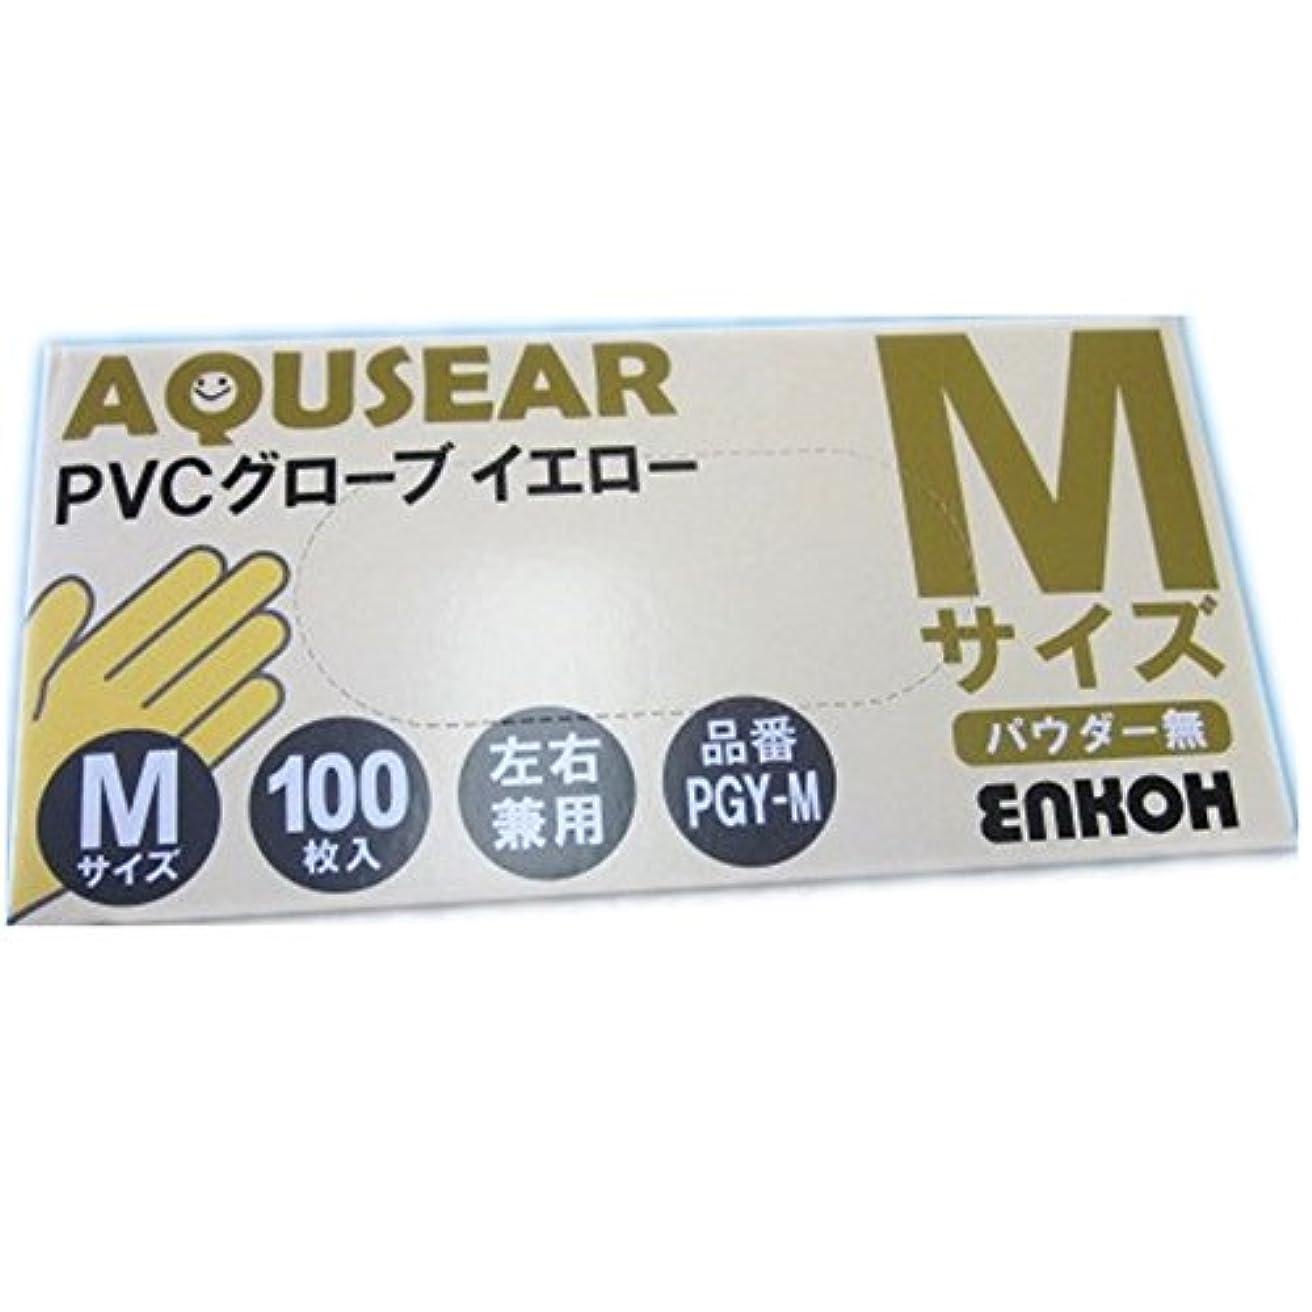 泥棒ポール実験をするAQUSEAR PVC プラスチックグローブ イエロー 弾性 Mサイズ パウダー無 PGY-M 100枚箱入